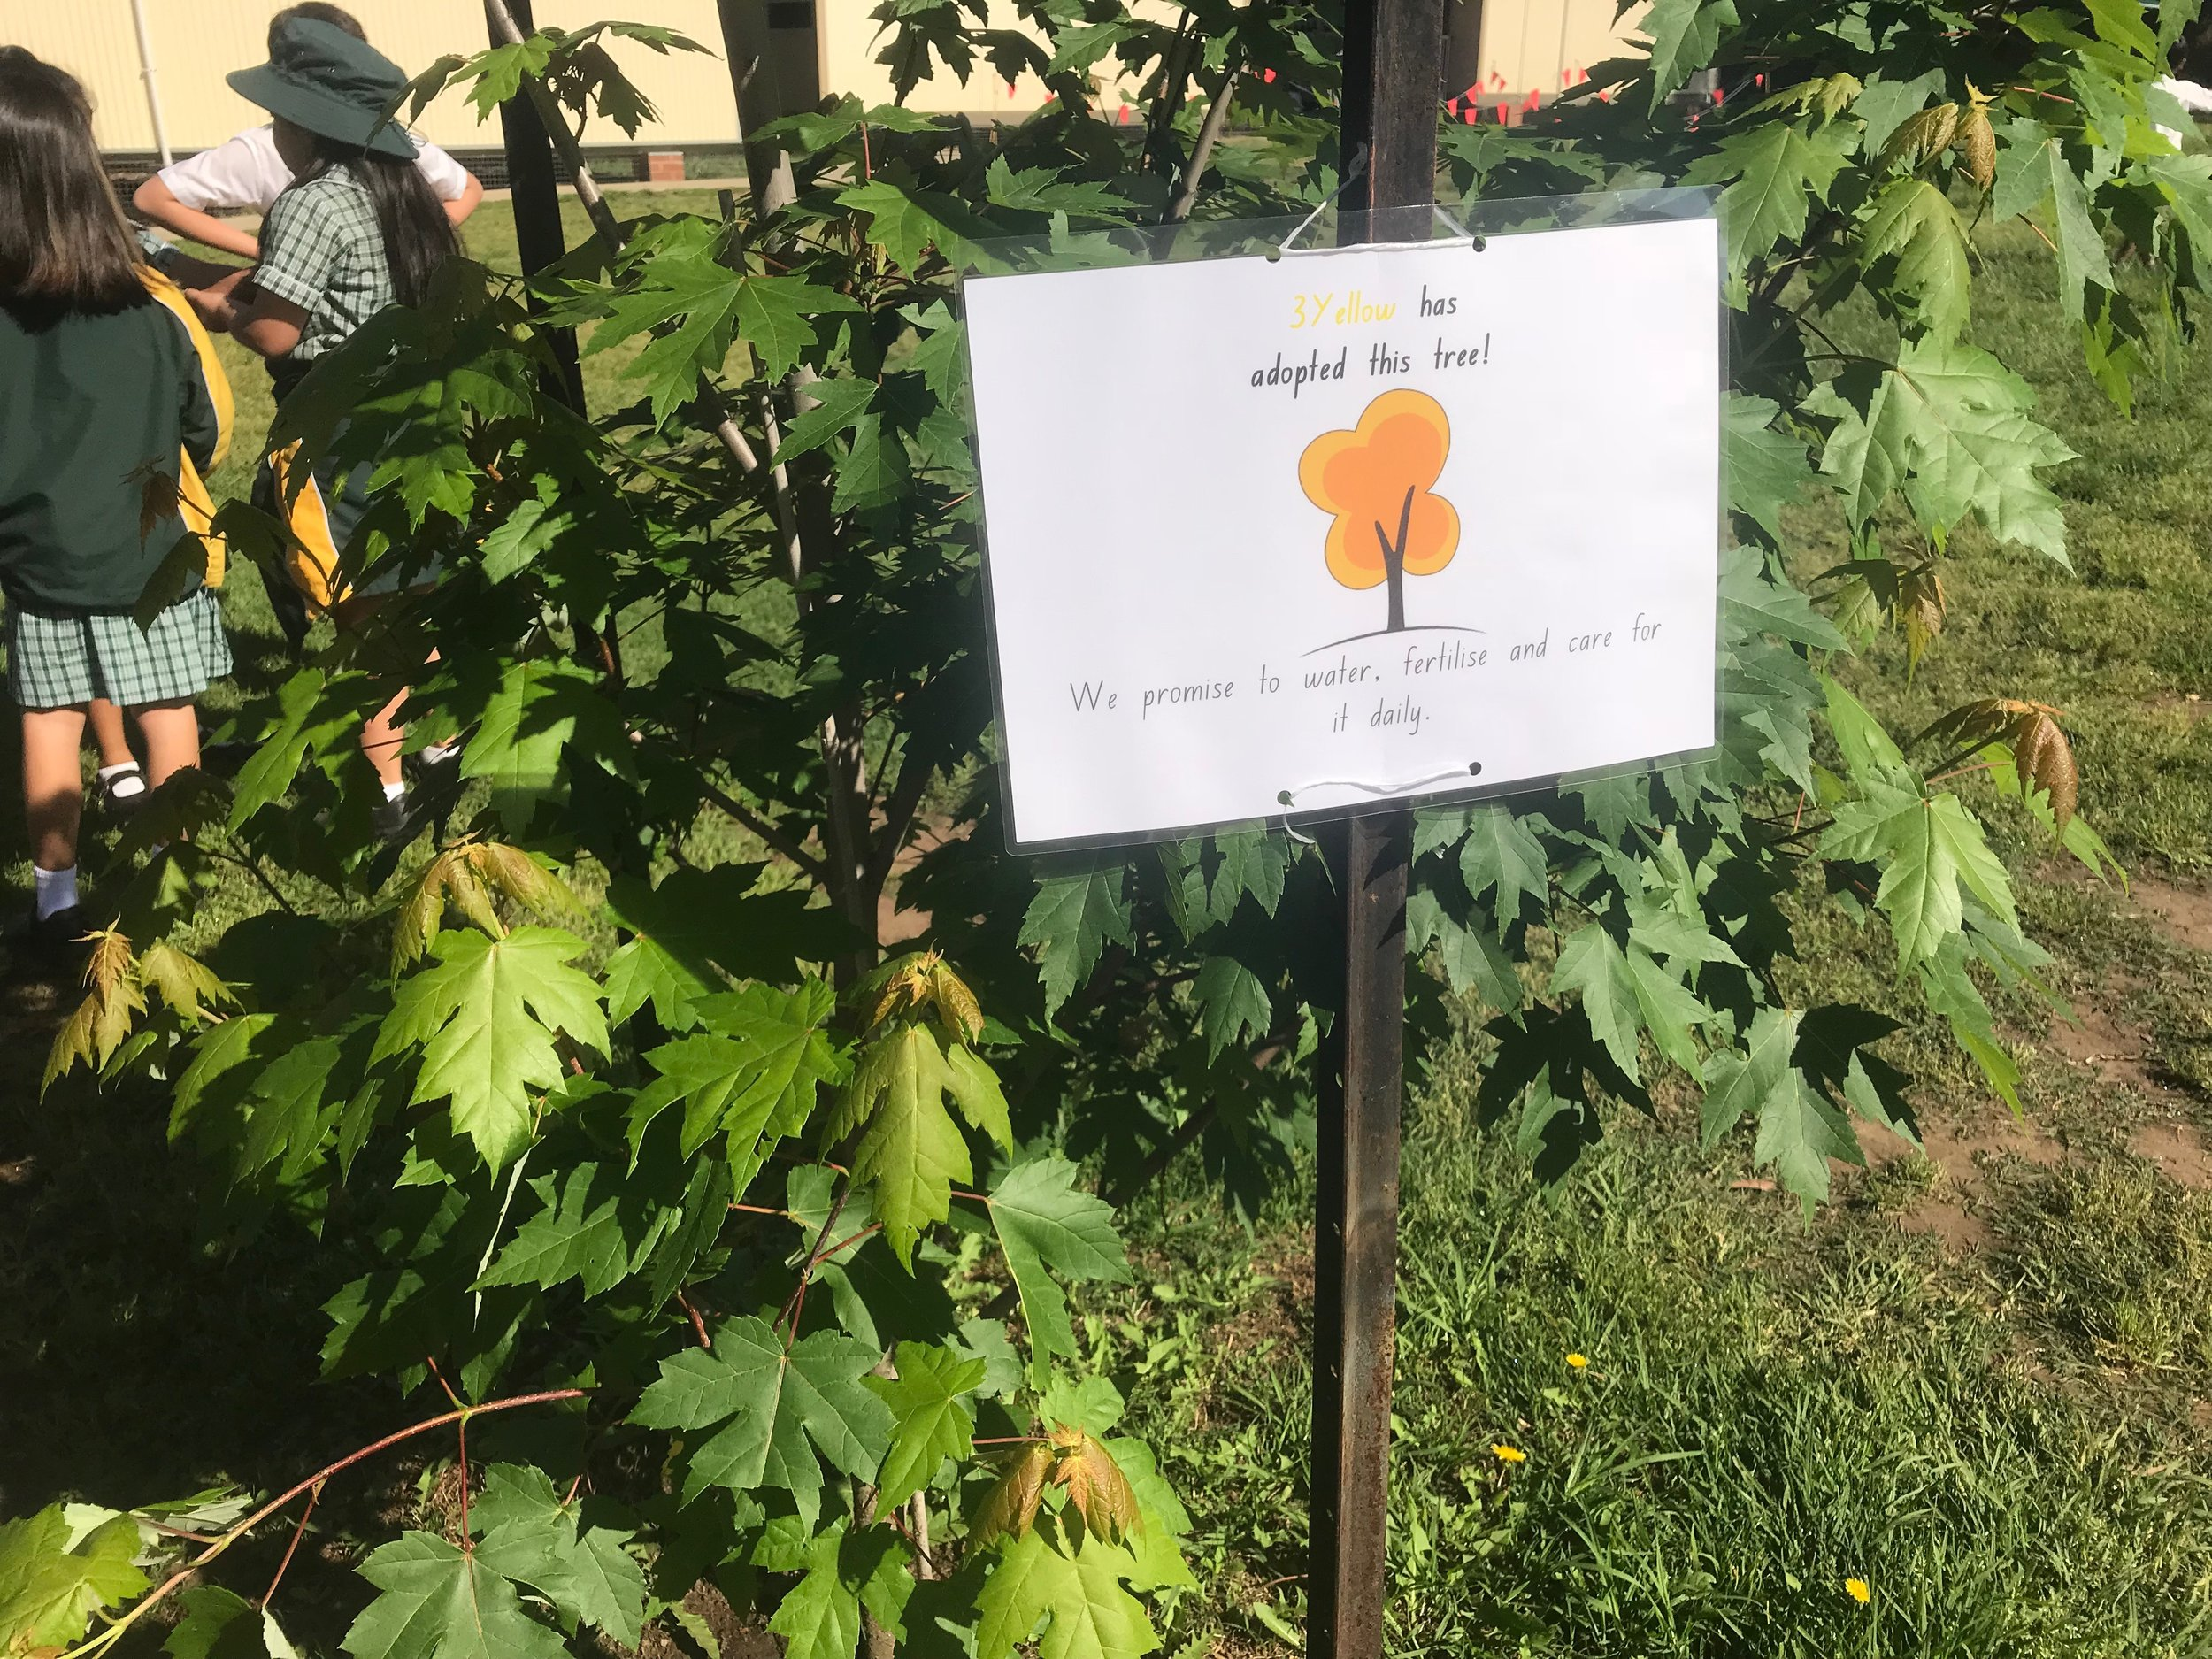 carlingford-west-public-school-win-garden-grant (1).jpeg